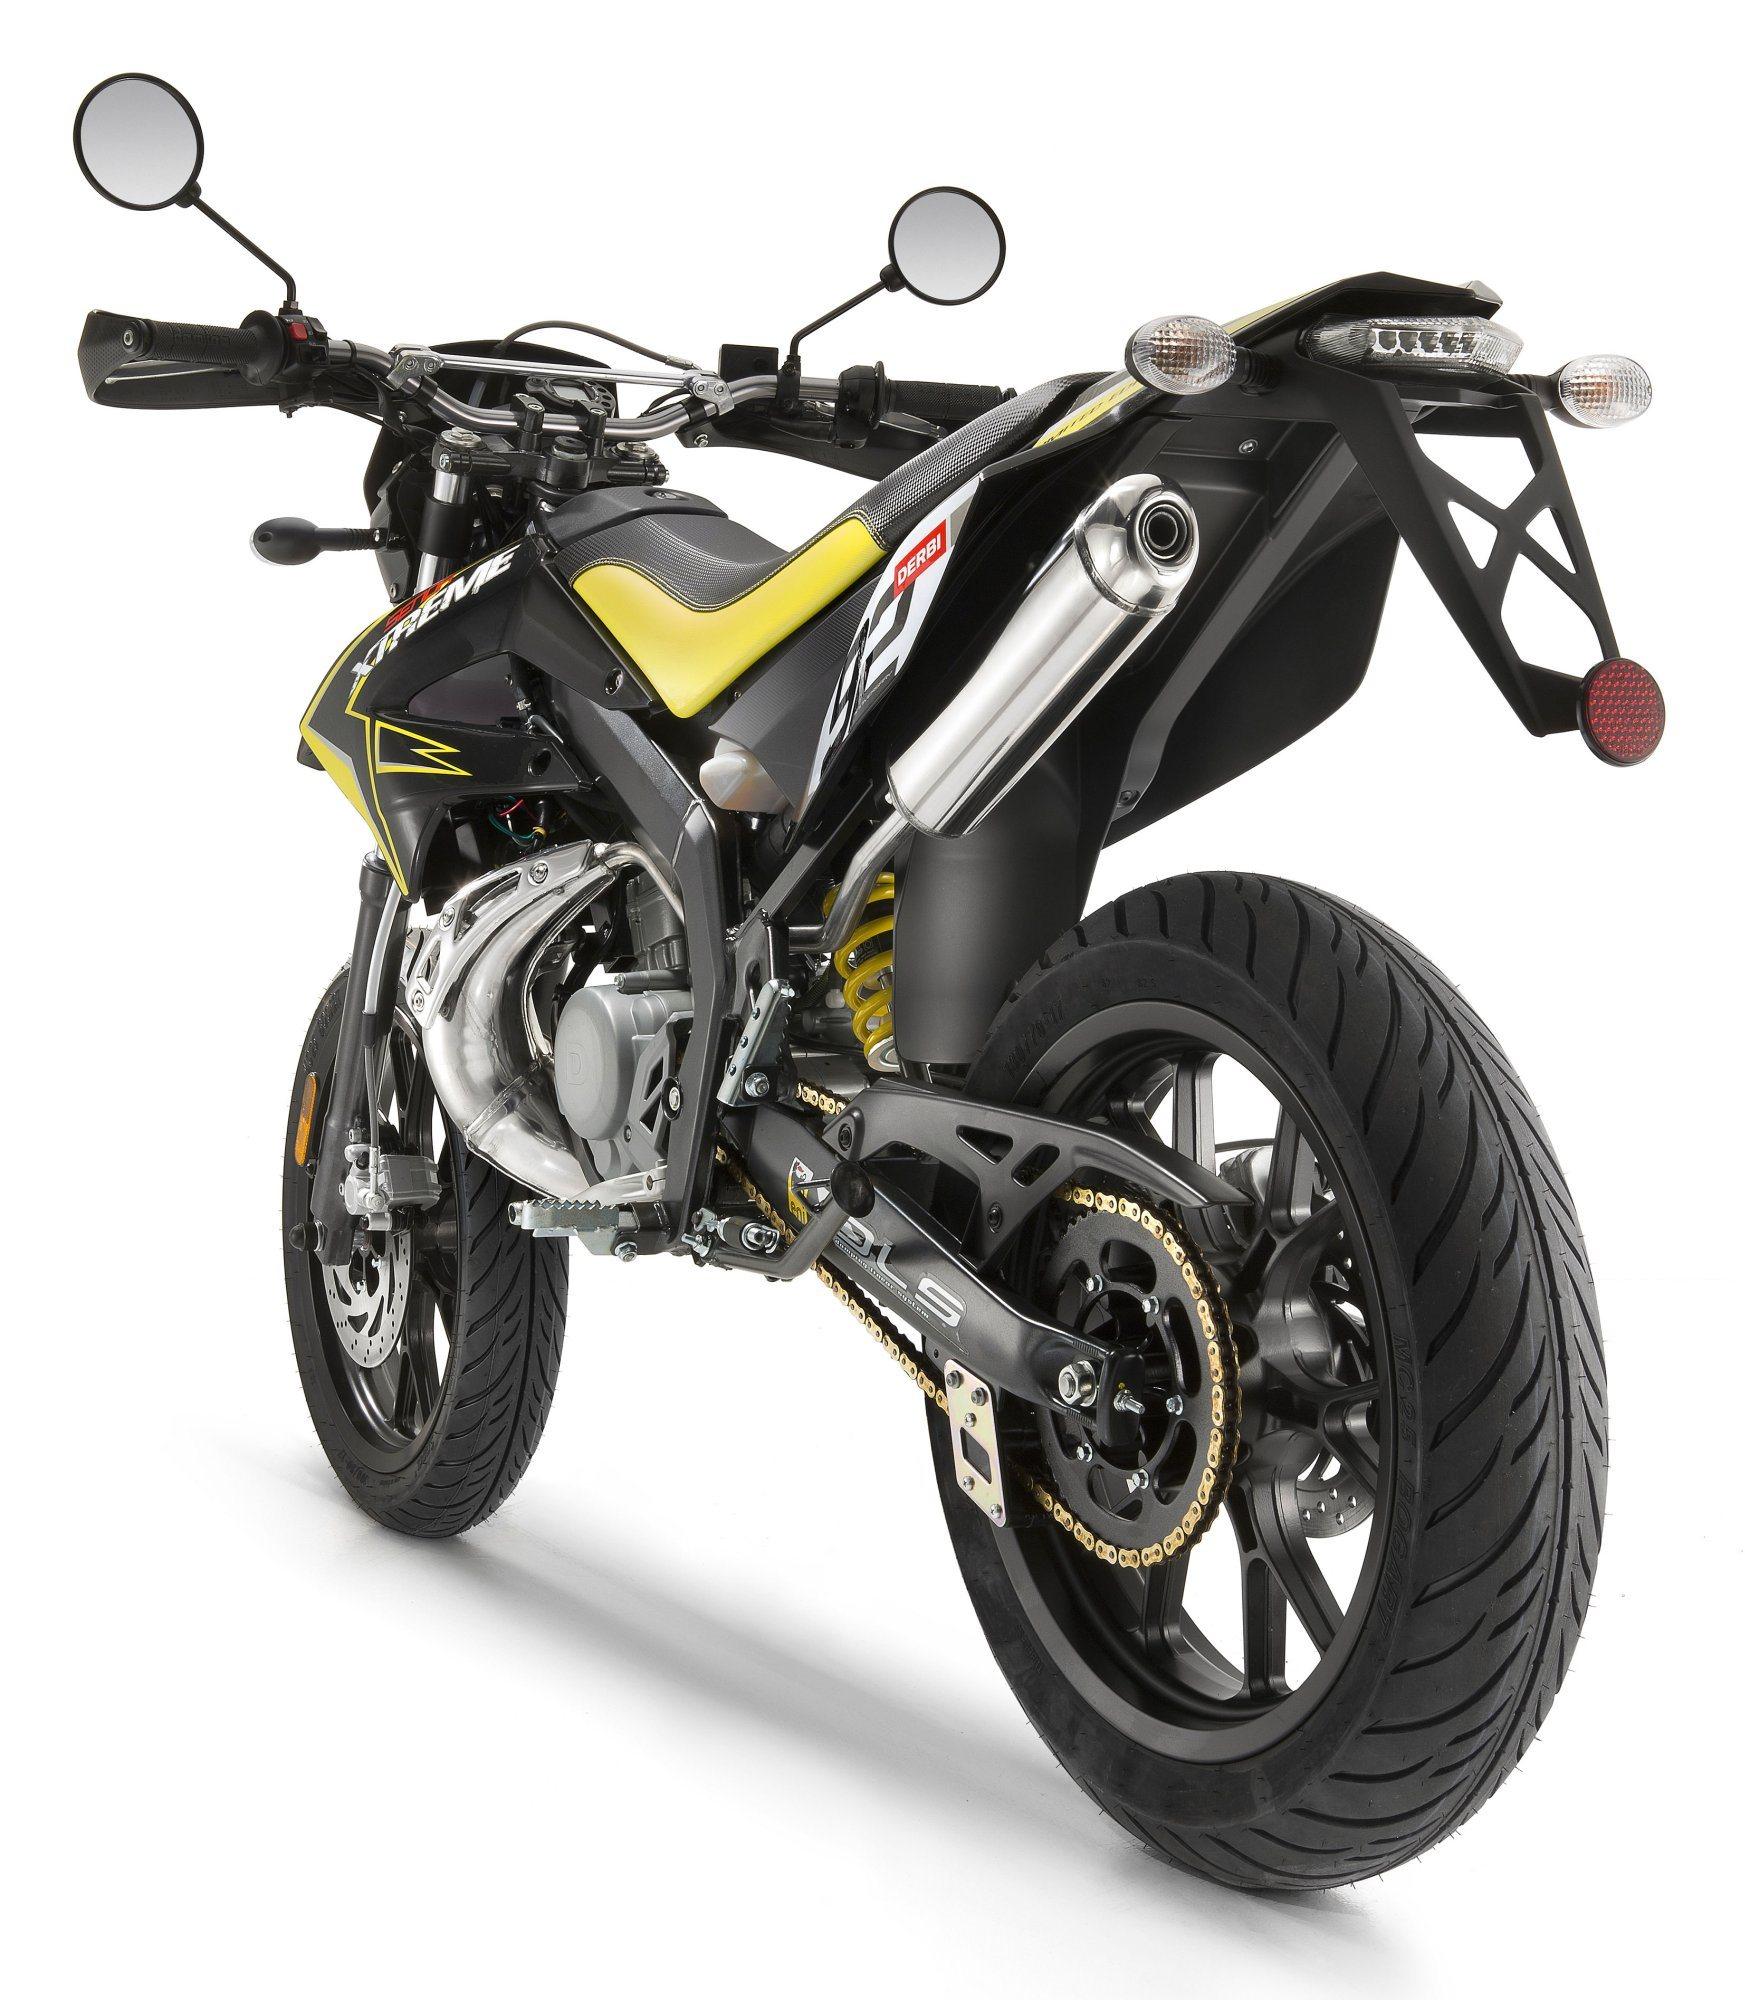 Derbi Senda DRD X-Treme 50 SM Limited Edition